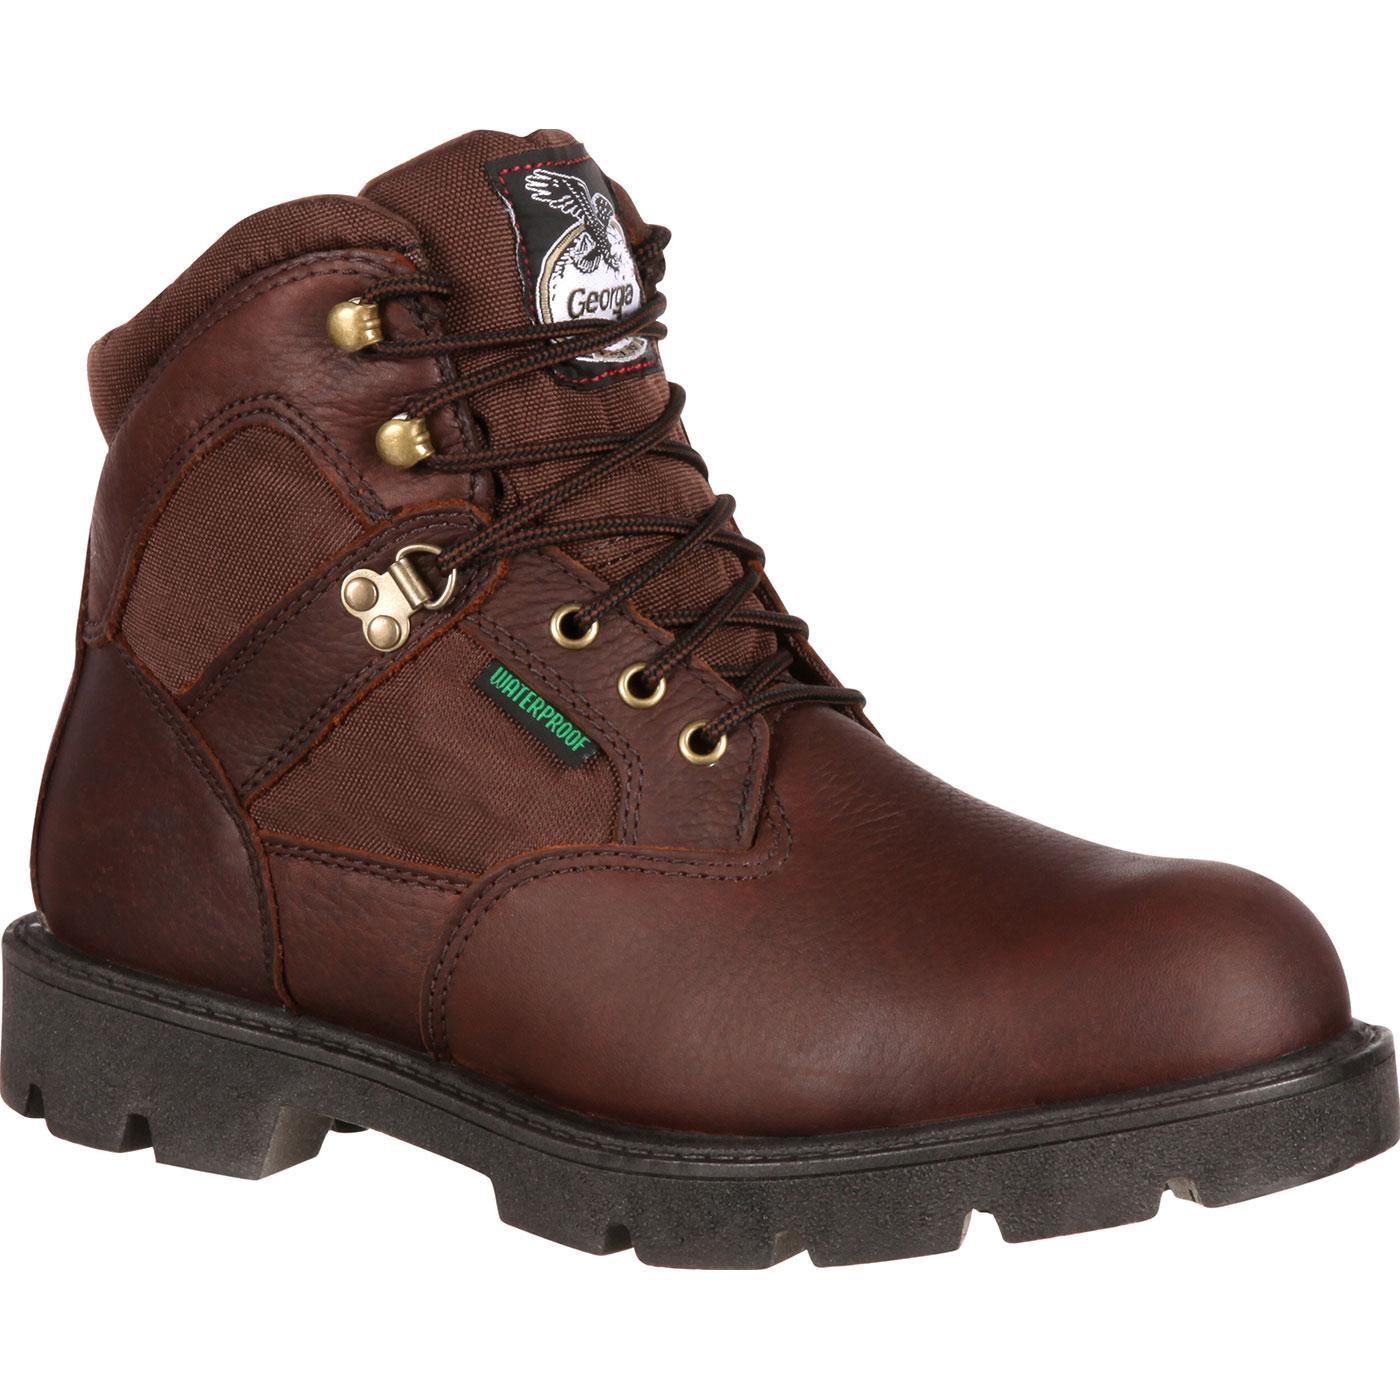 Georgia Homeland Men S Waterproof Work Boot Style G106